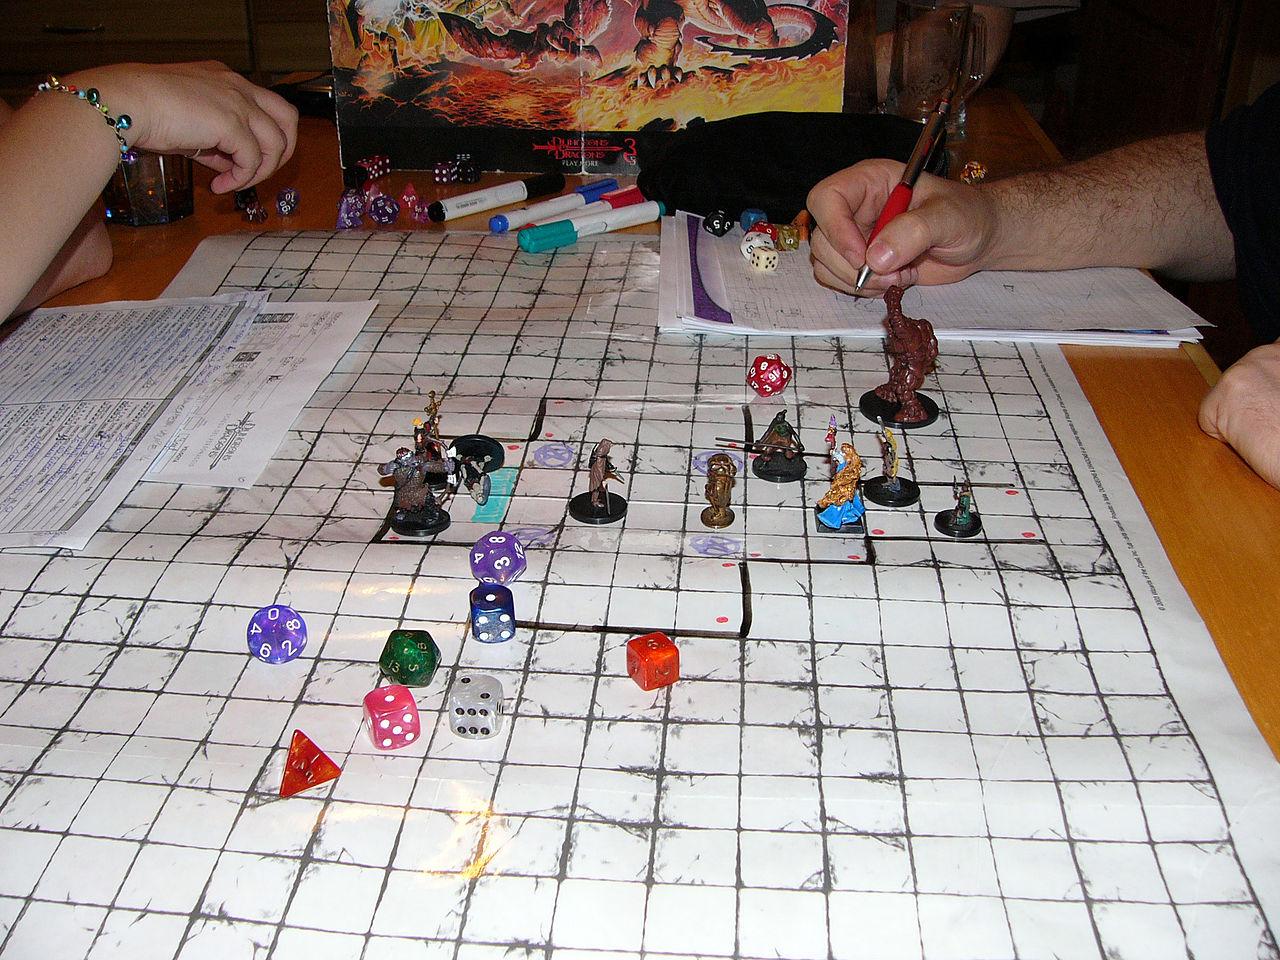 『ダンジョンズ&ドラゴンズ』プレイ中の様子。(画像はWikipediaより)